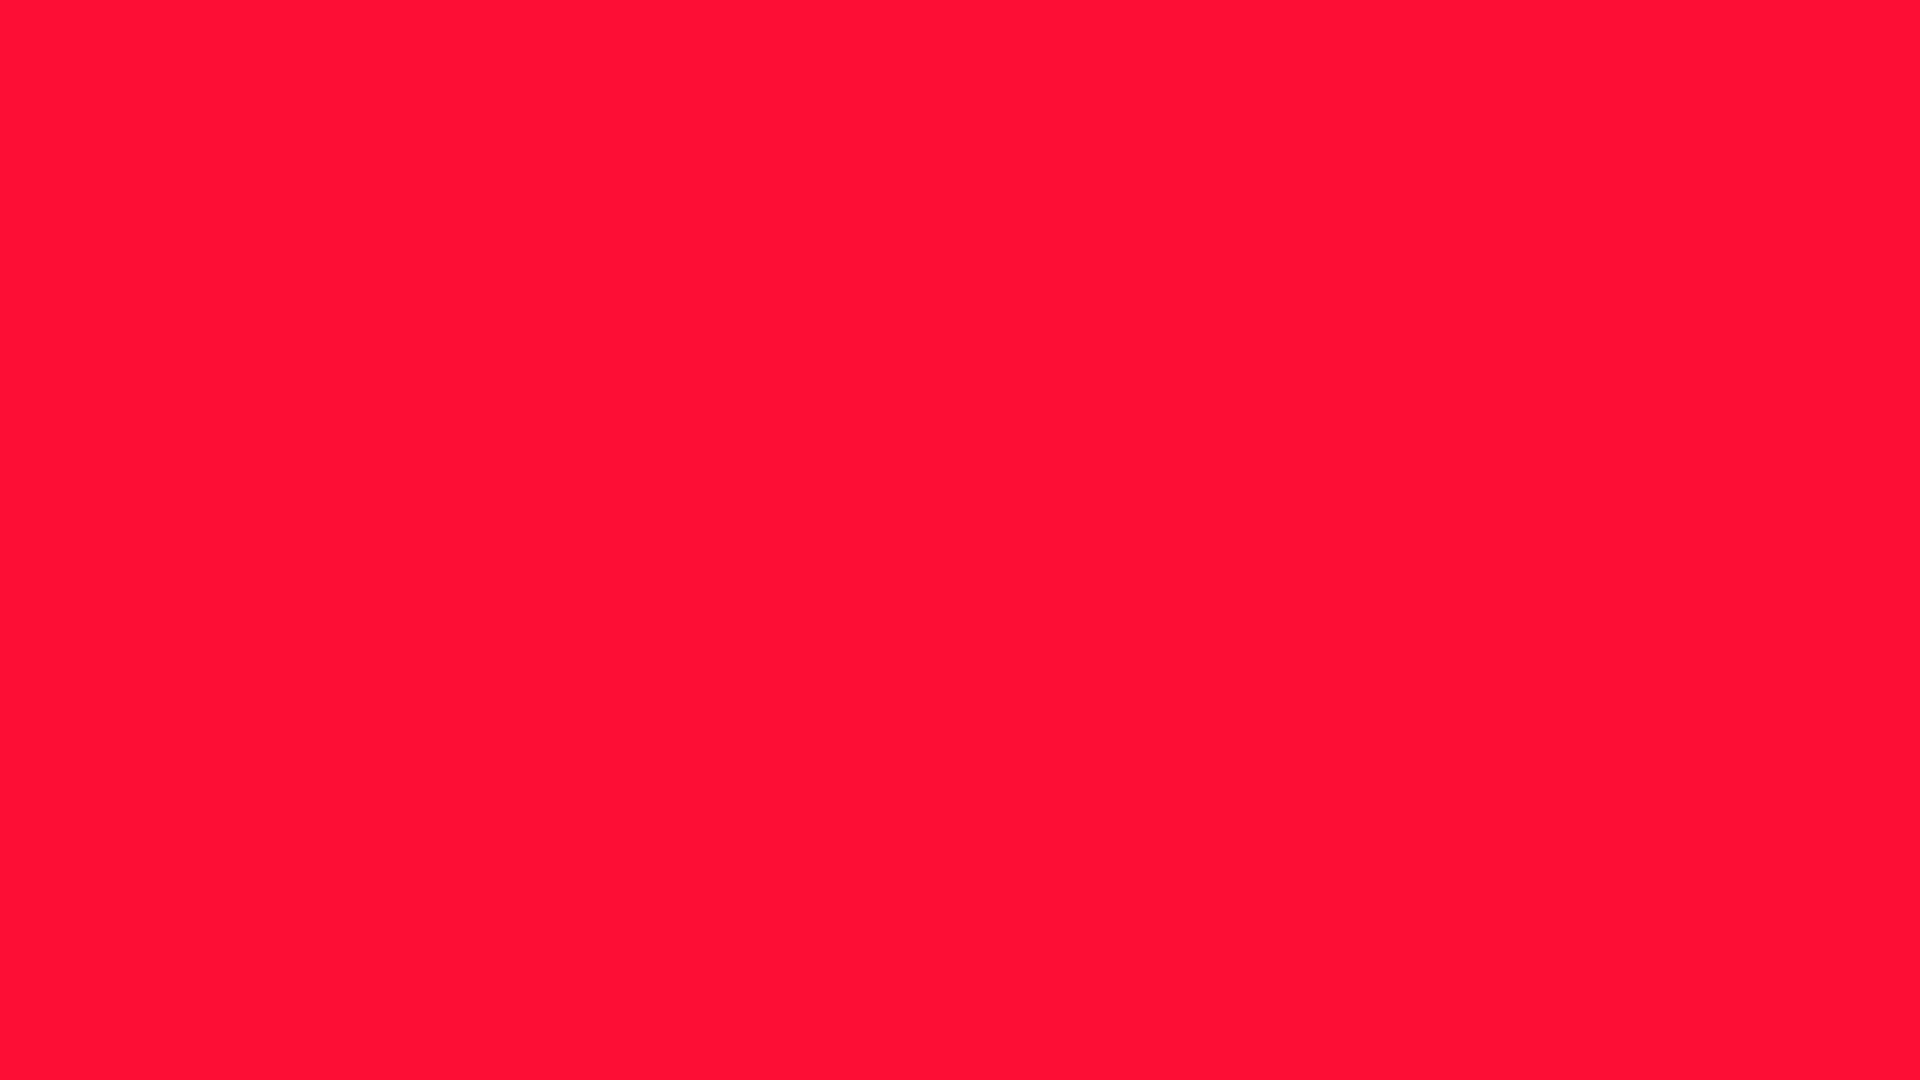 1920x1080 Scarlet Crayola Solid Color Background